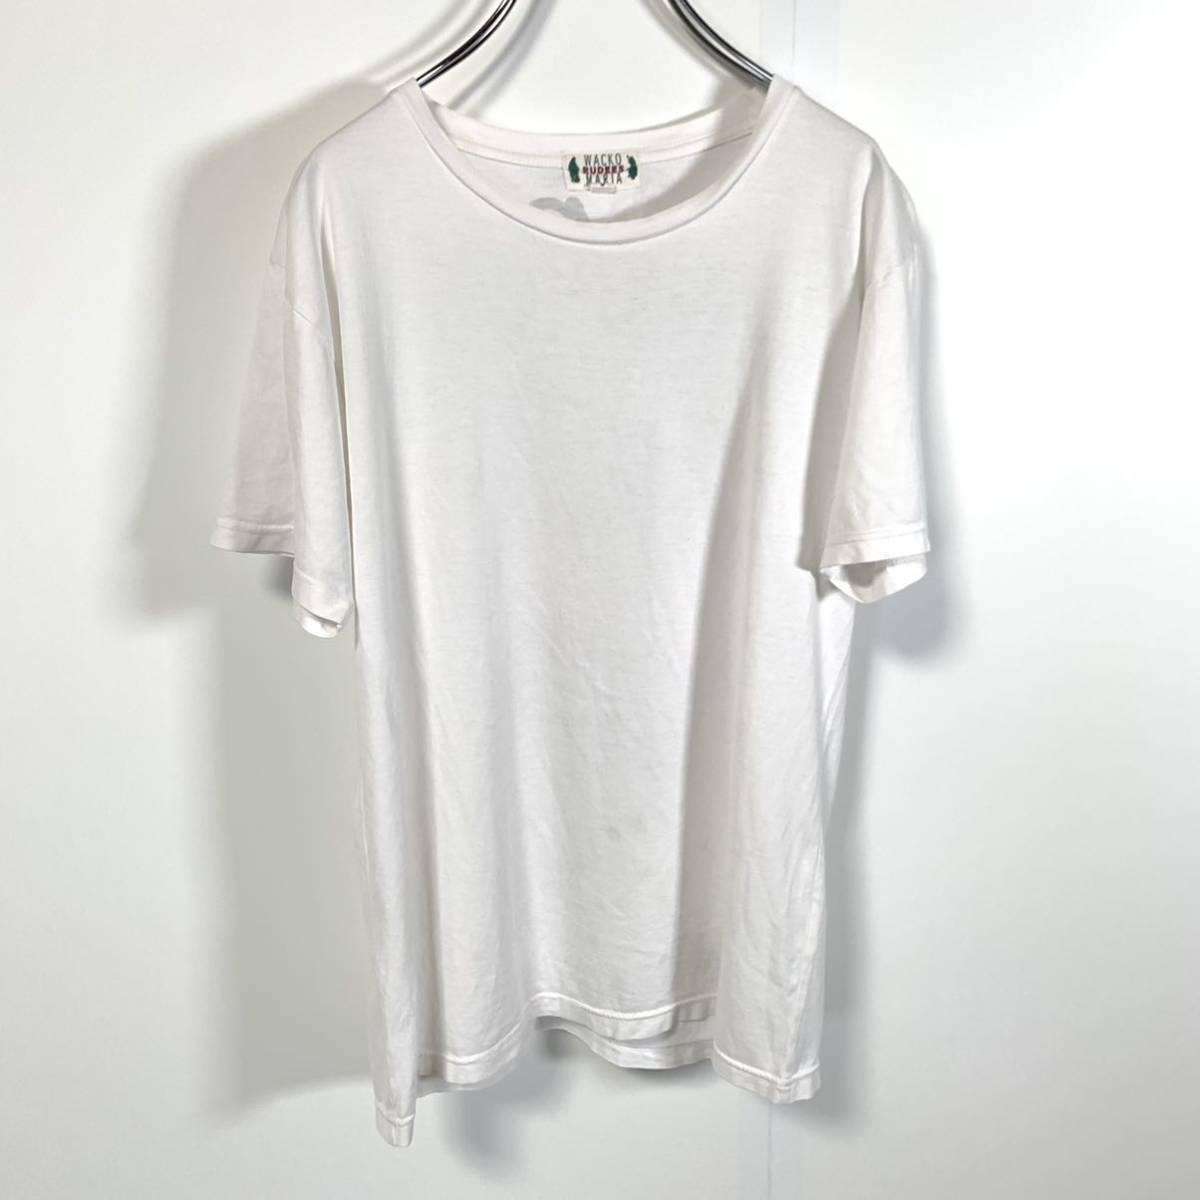 WACKO MARIA ワコマリア バックプリント Tシャツ ギルティーパーティー 舐達麻 c146_画像4